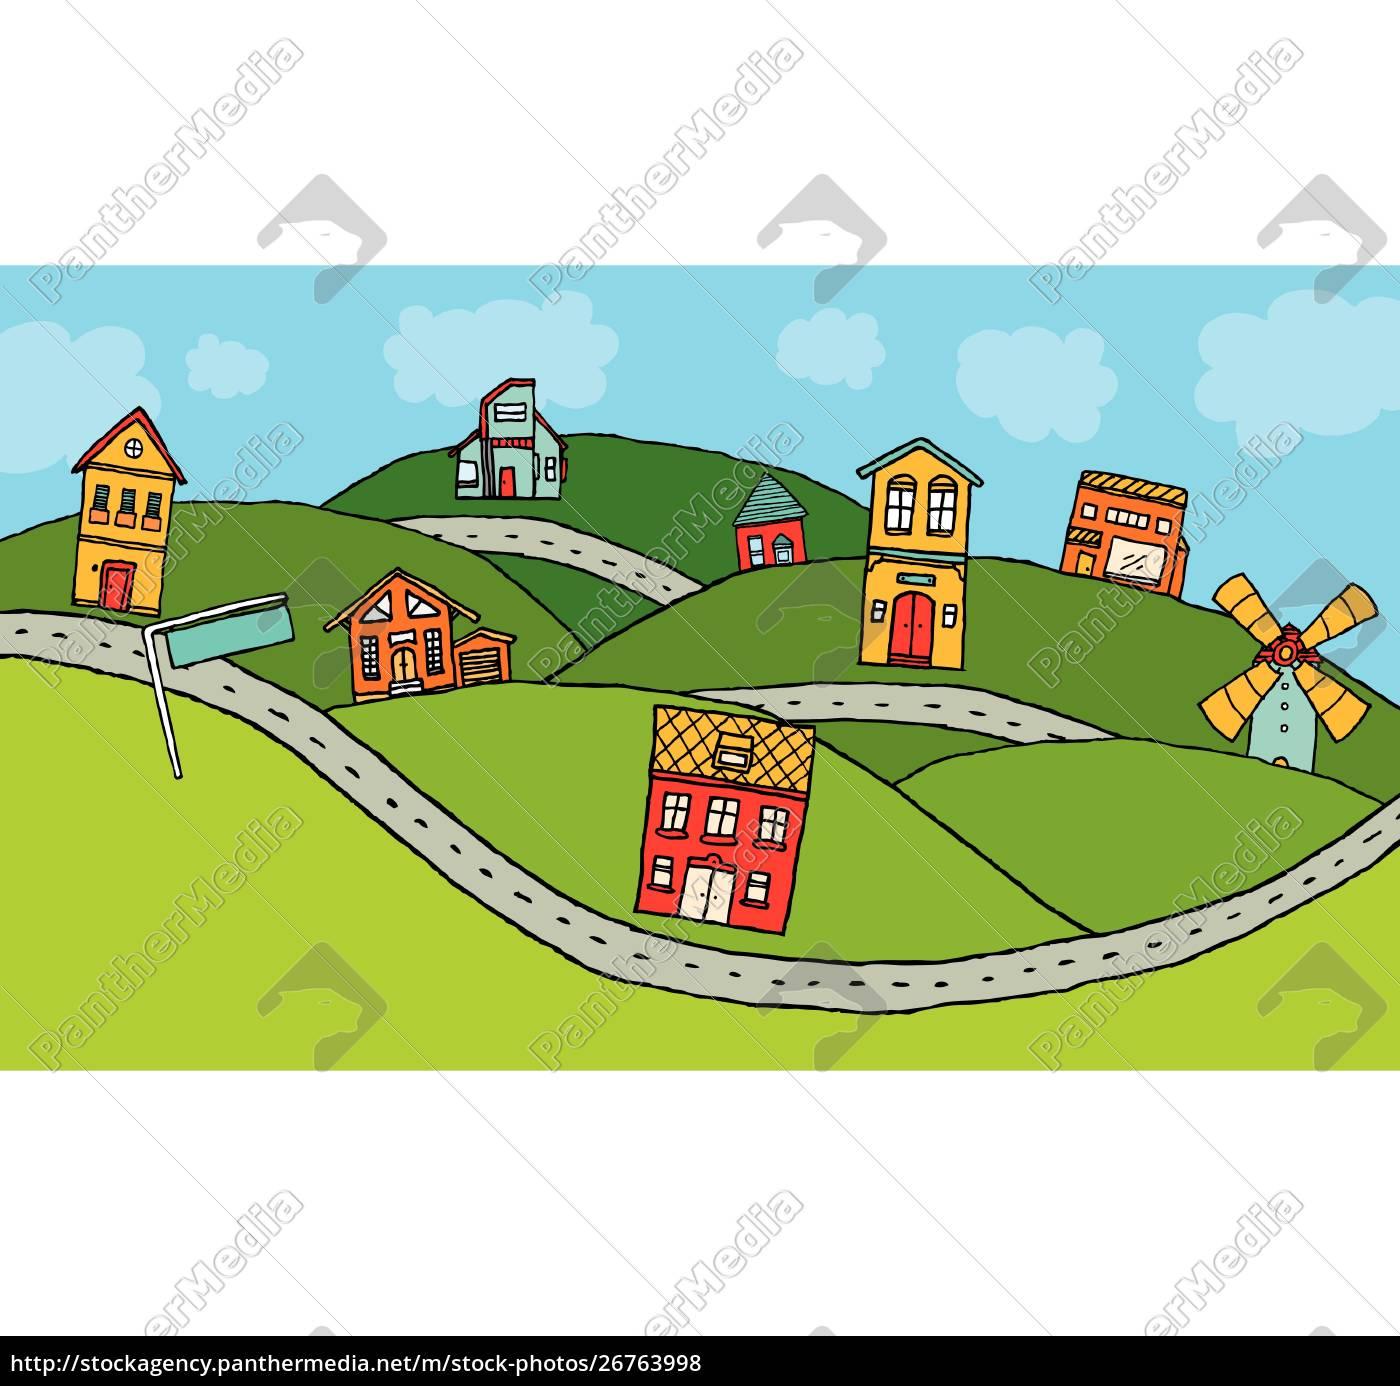 häuser, im, land - 26763998